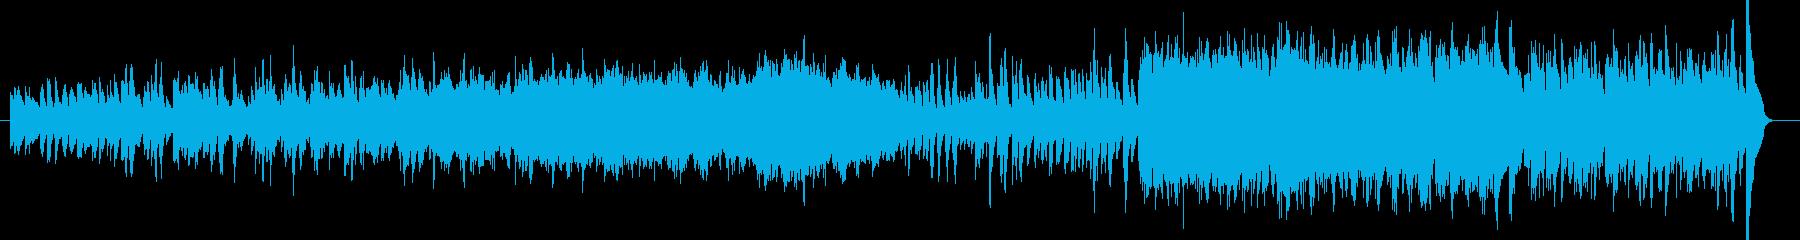 悠久なる三重唱の再生済みの波形